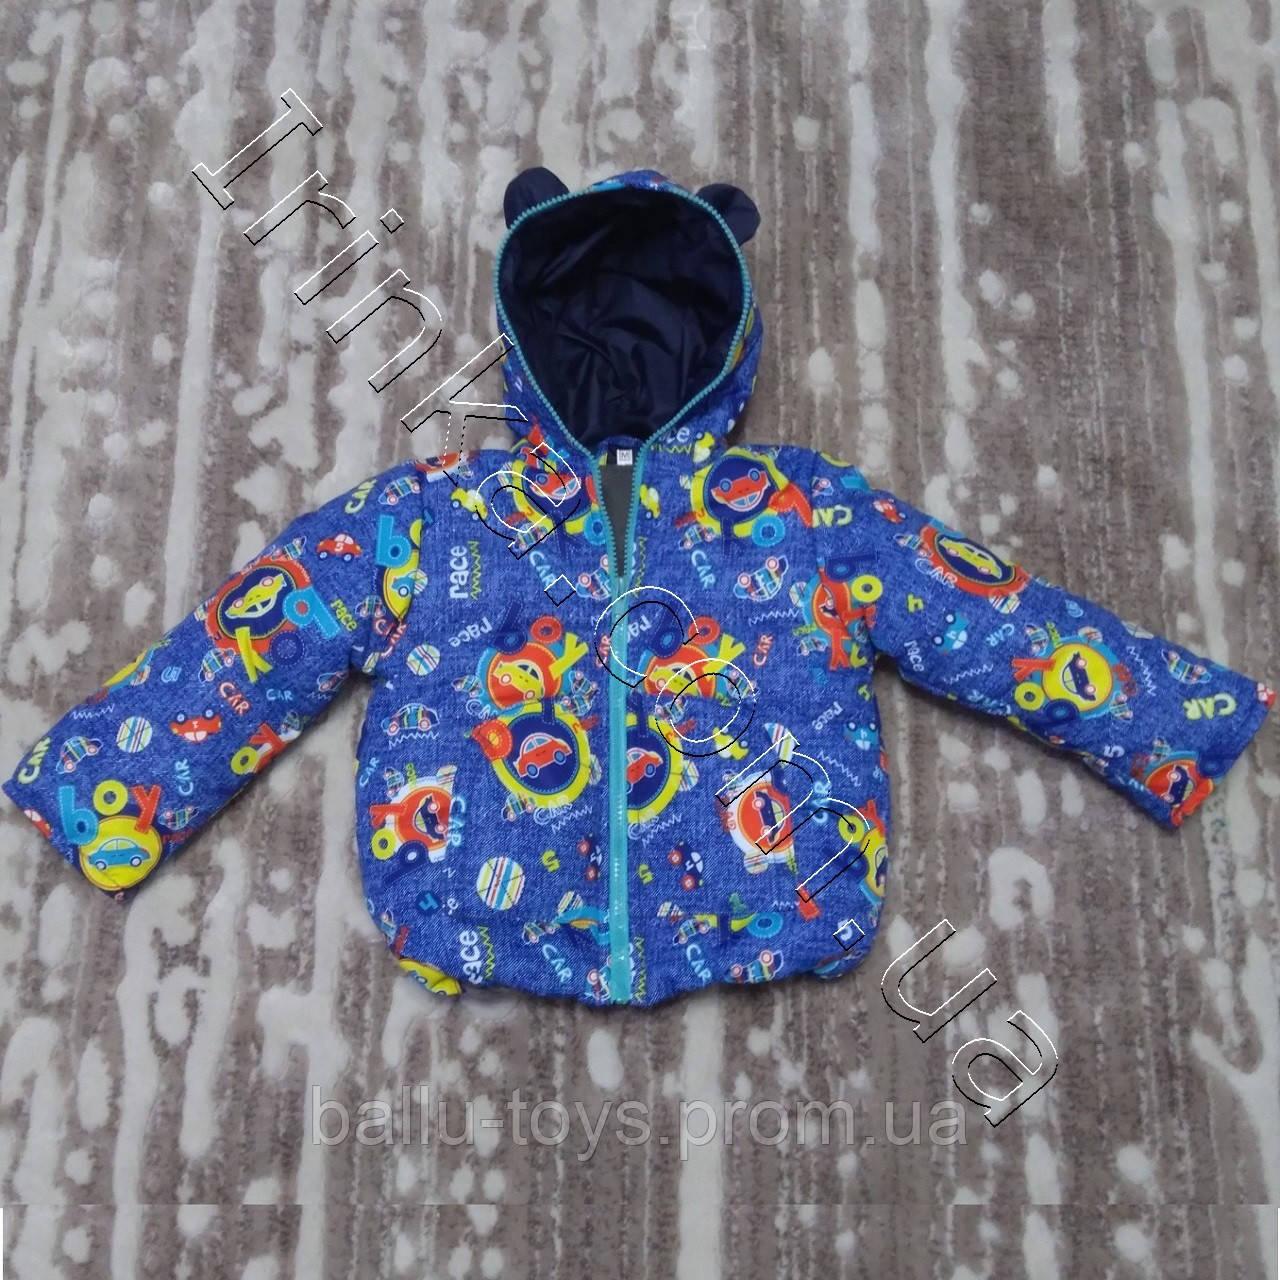 Детская теплая куртка демисезонная Джинс (1-3 года)